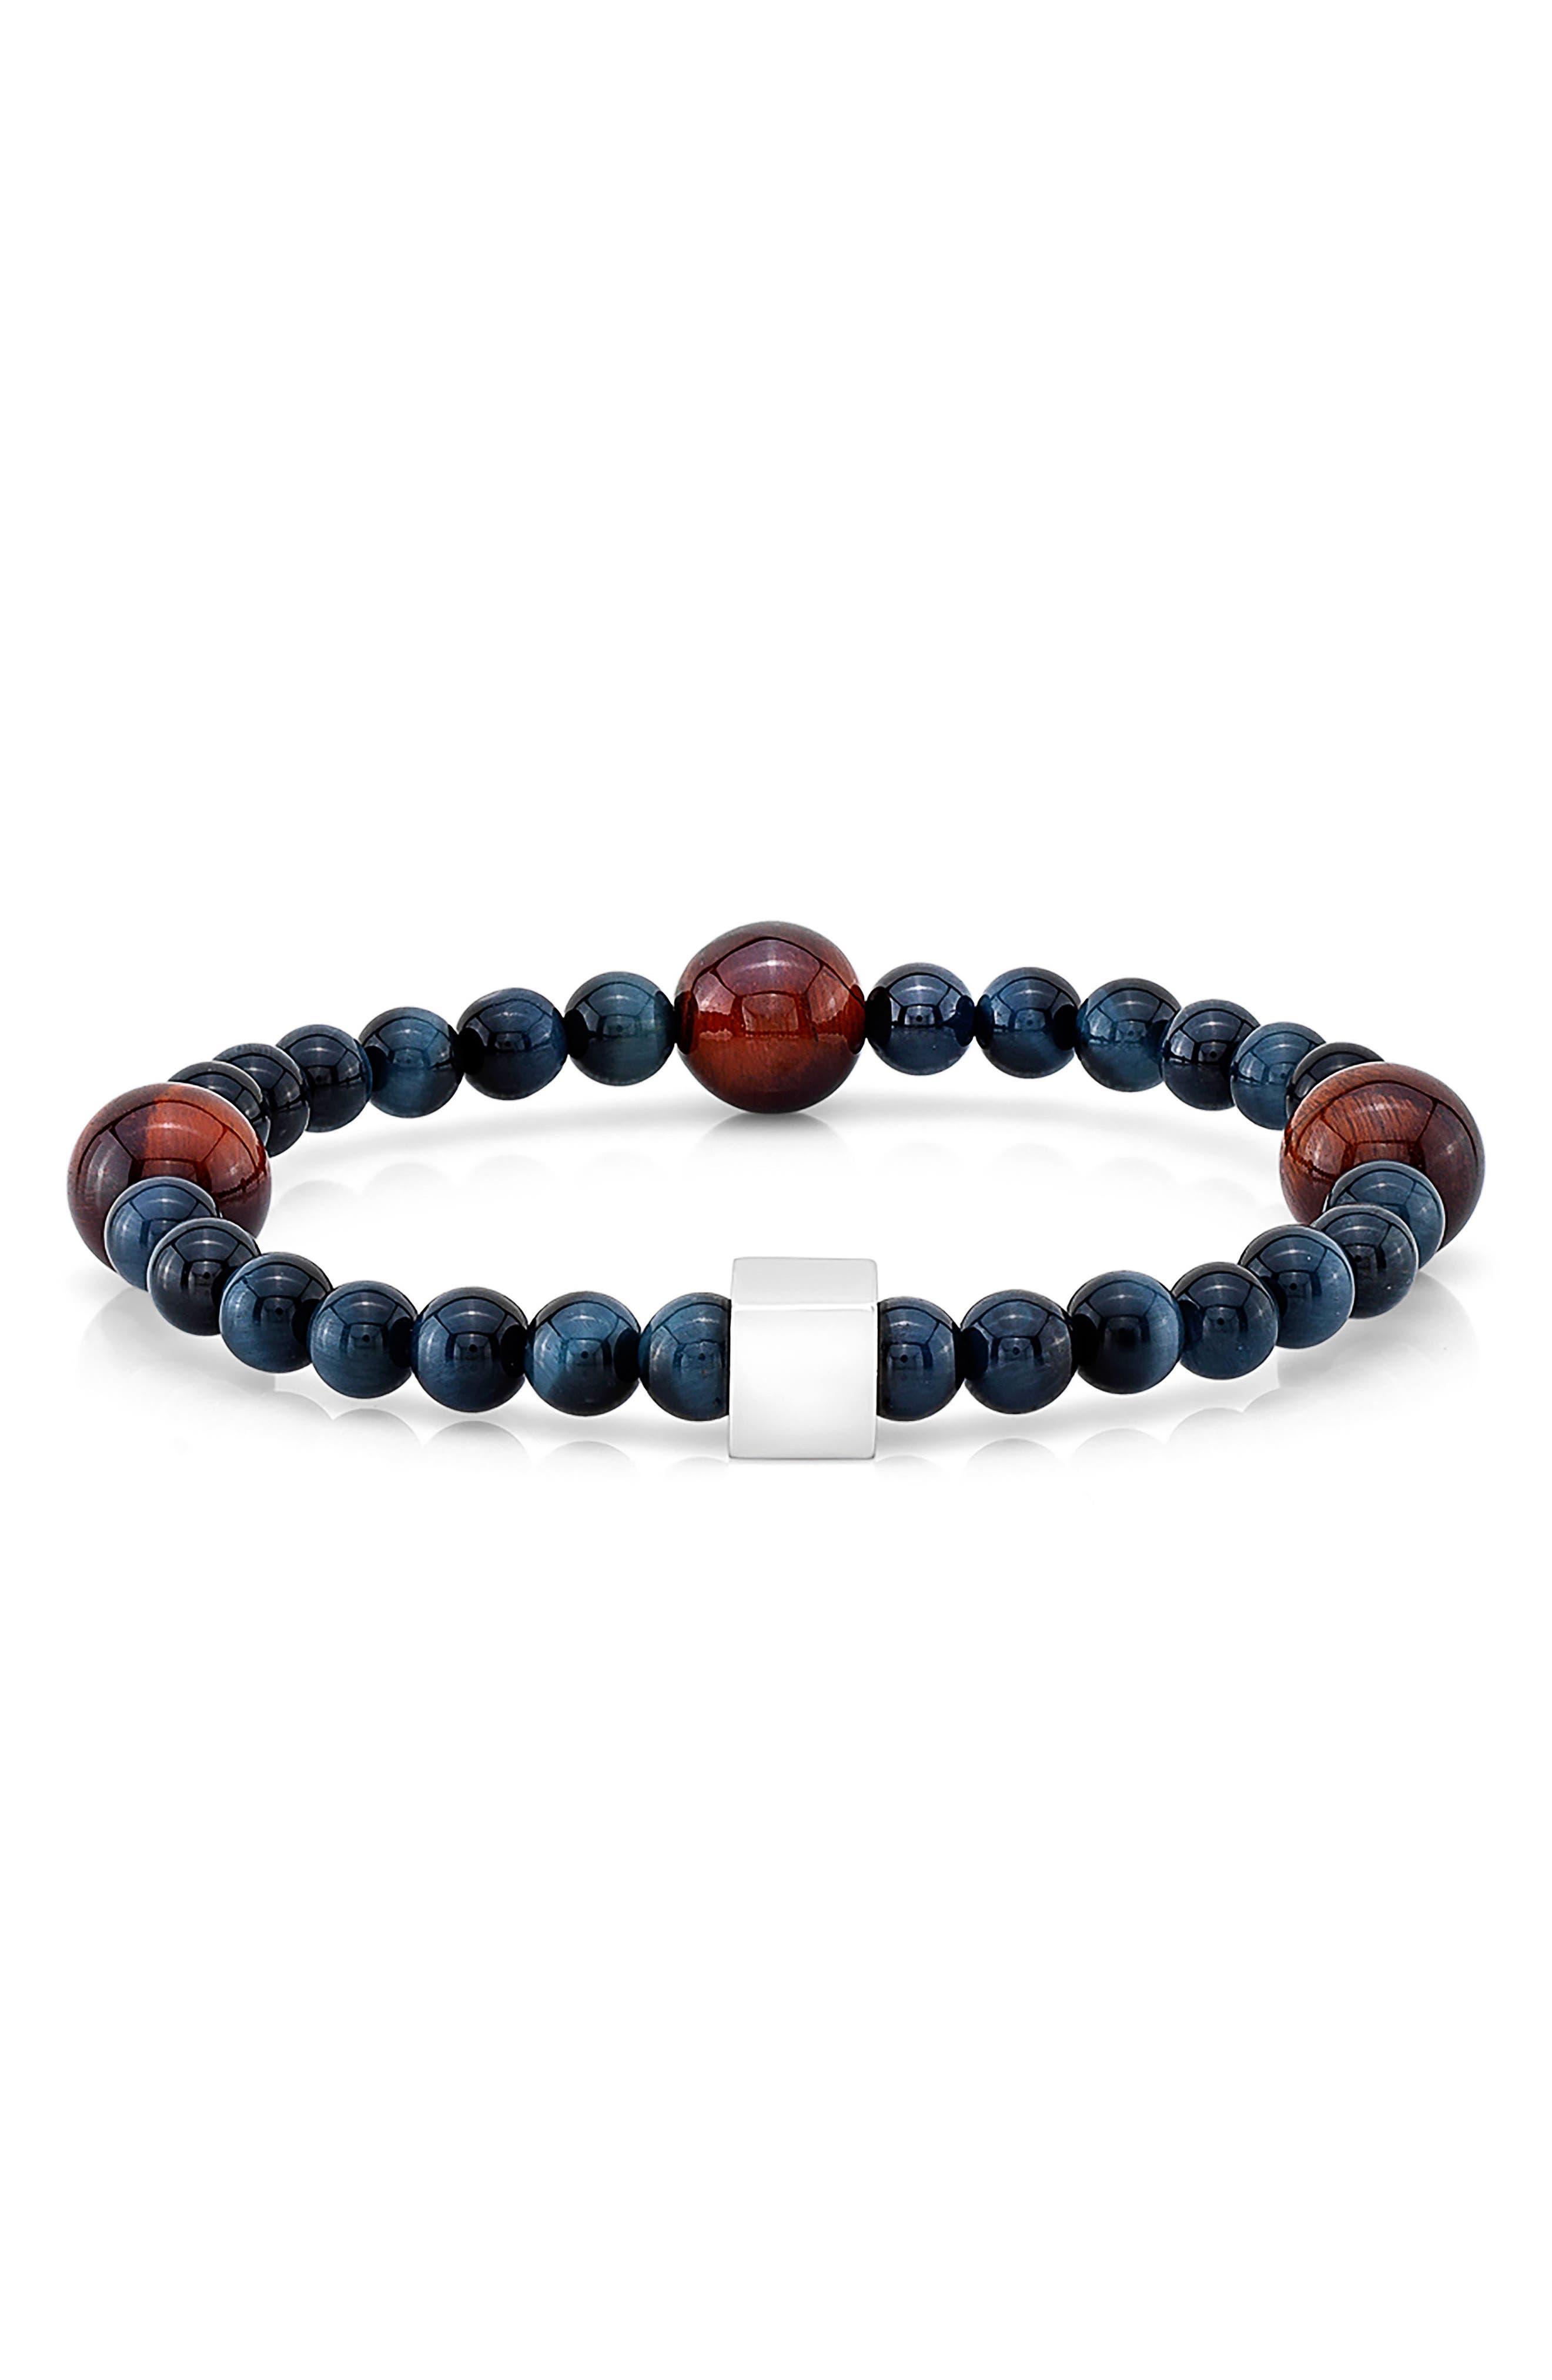 Tiger's Eye Bead Bracelet,                         Main,                         color, Blue/ Red